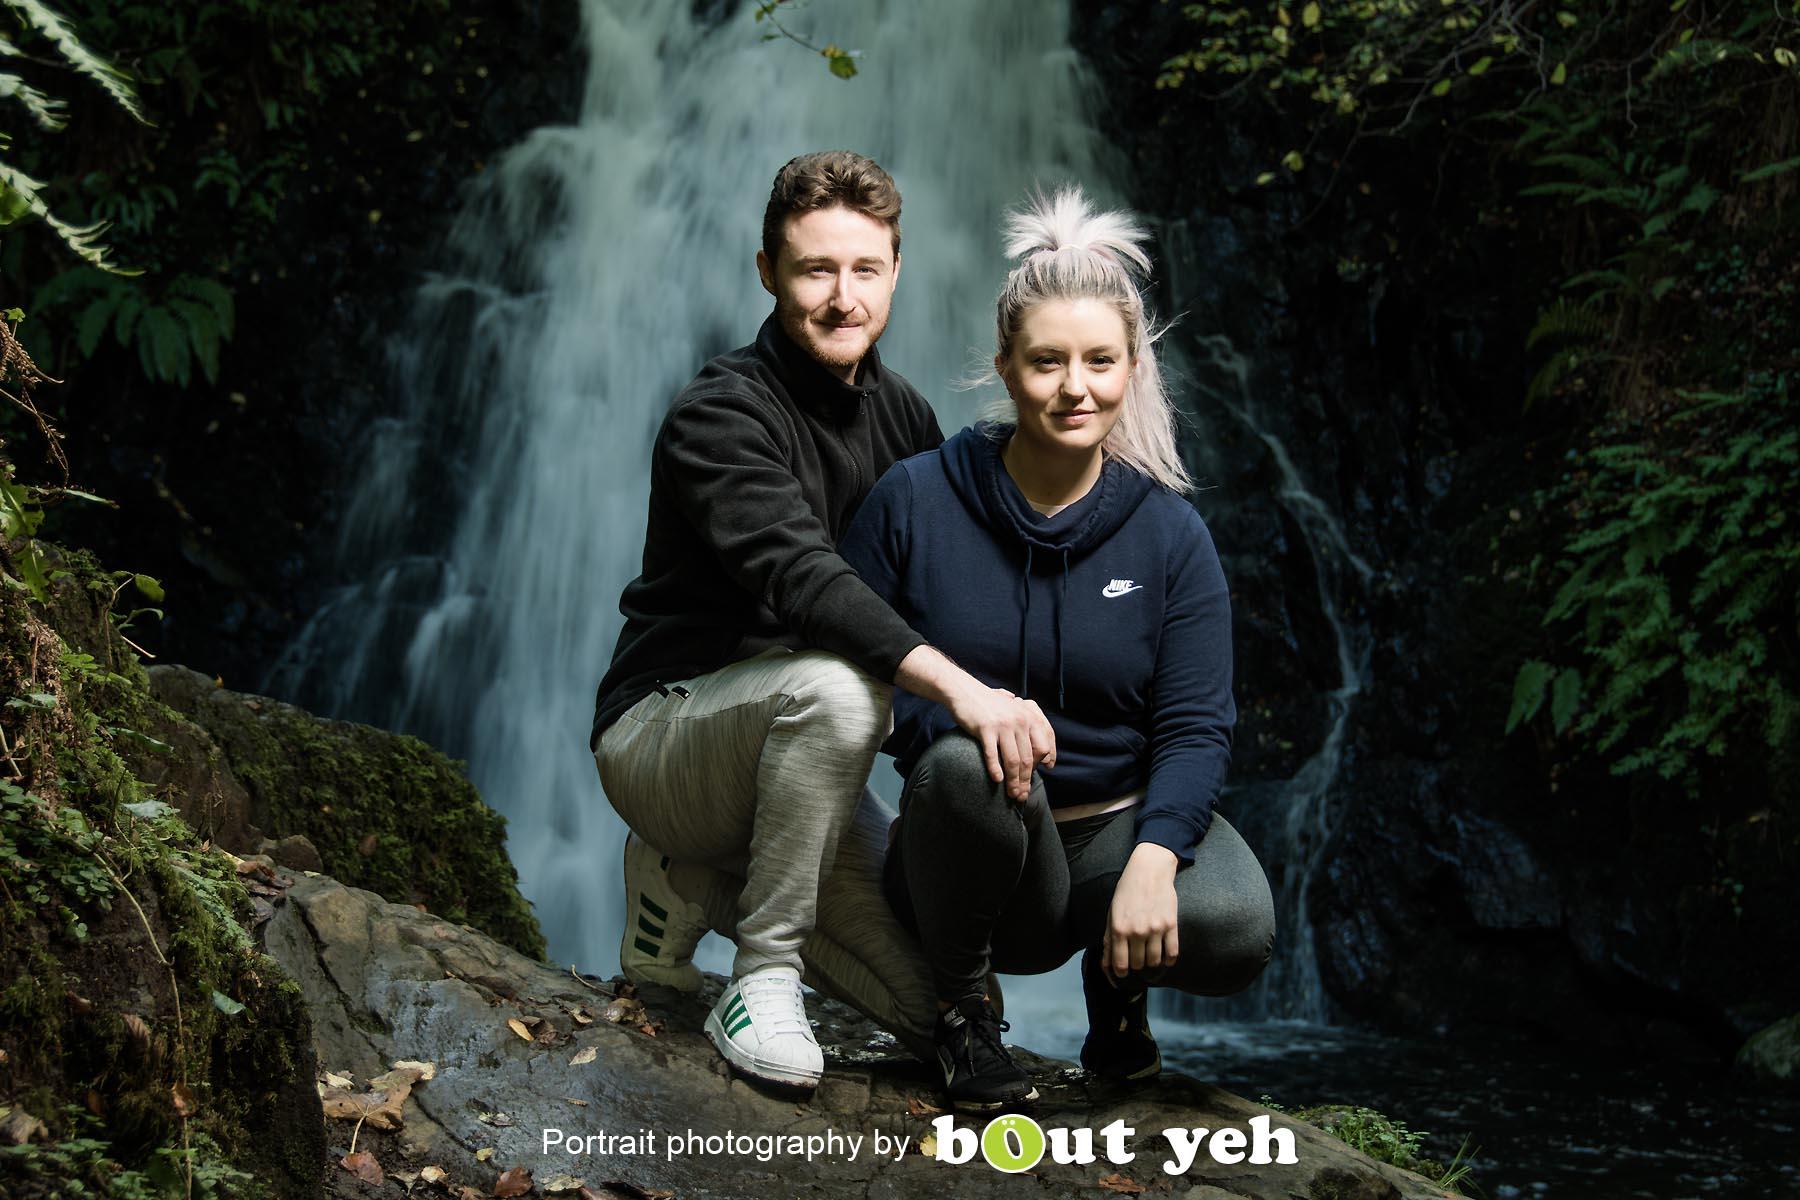 David and Joanna, at Gleno Waterfall, Northern Ireland - photo 9004.